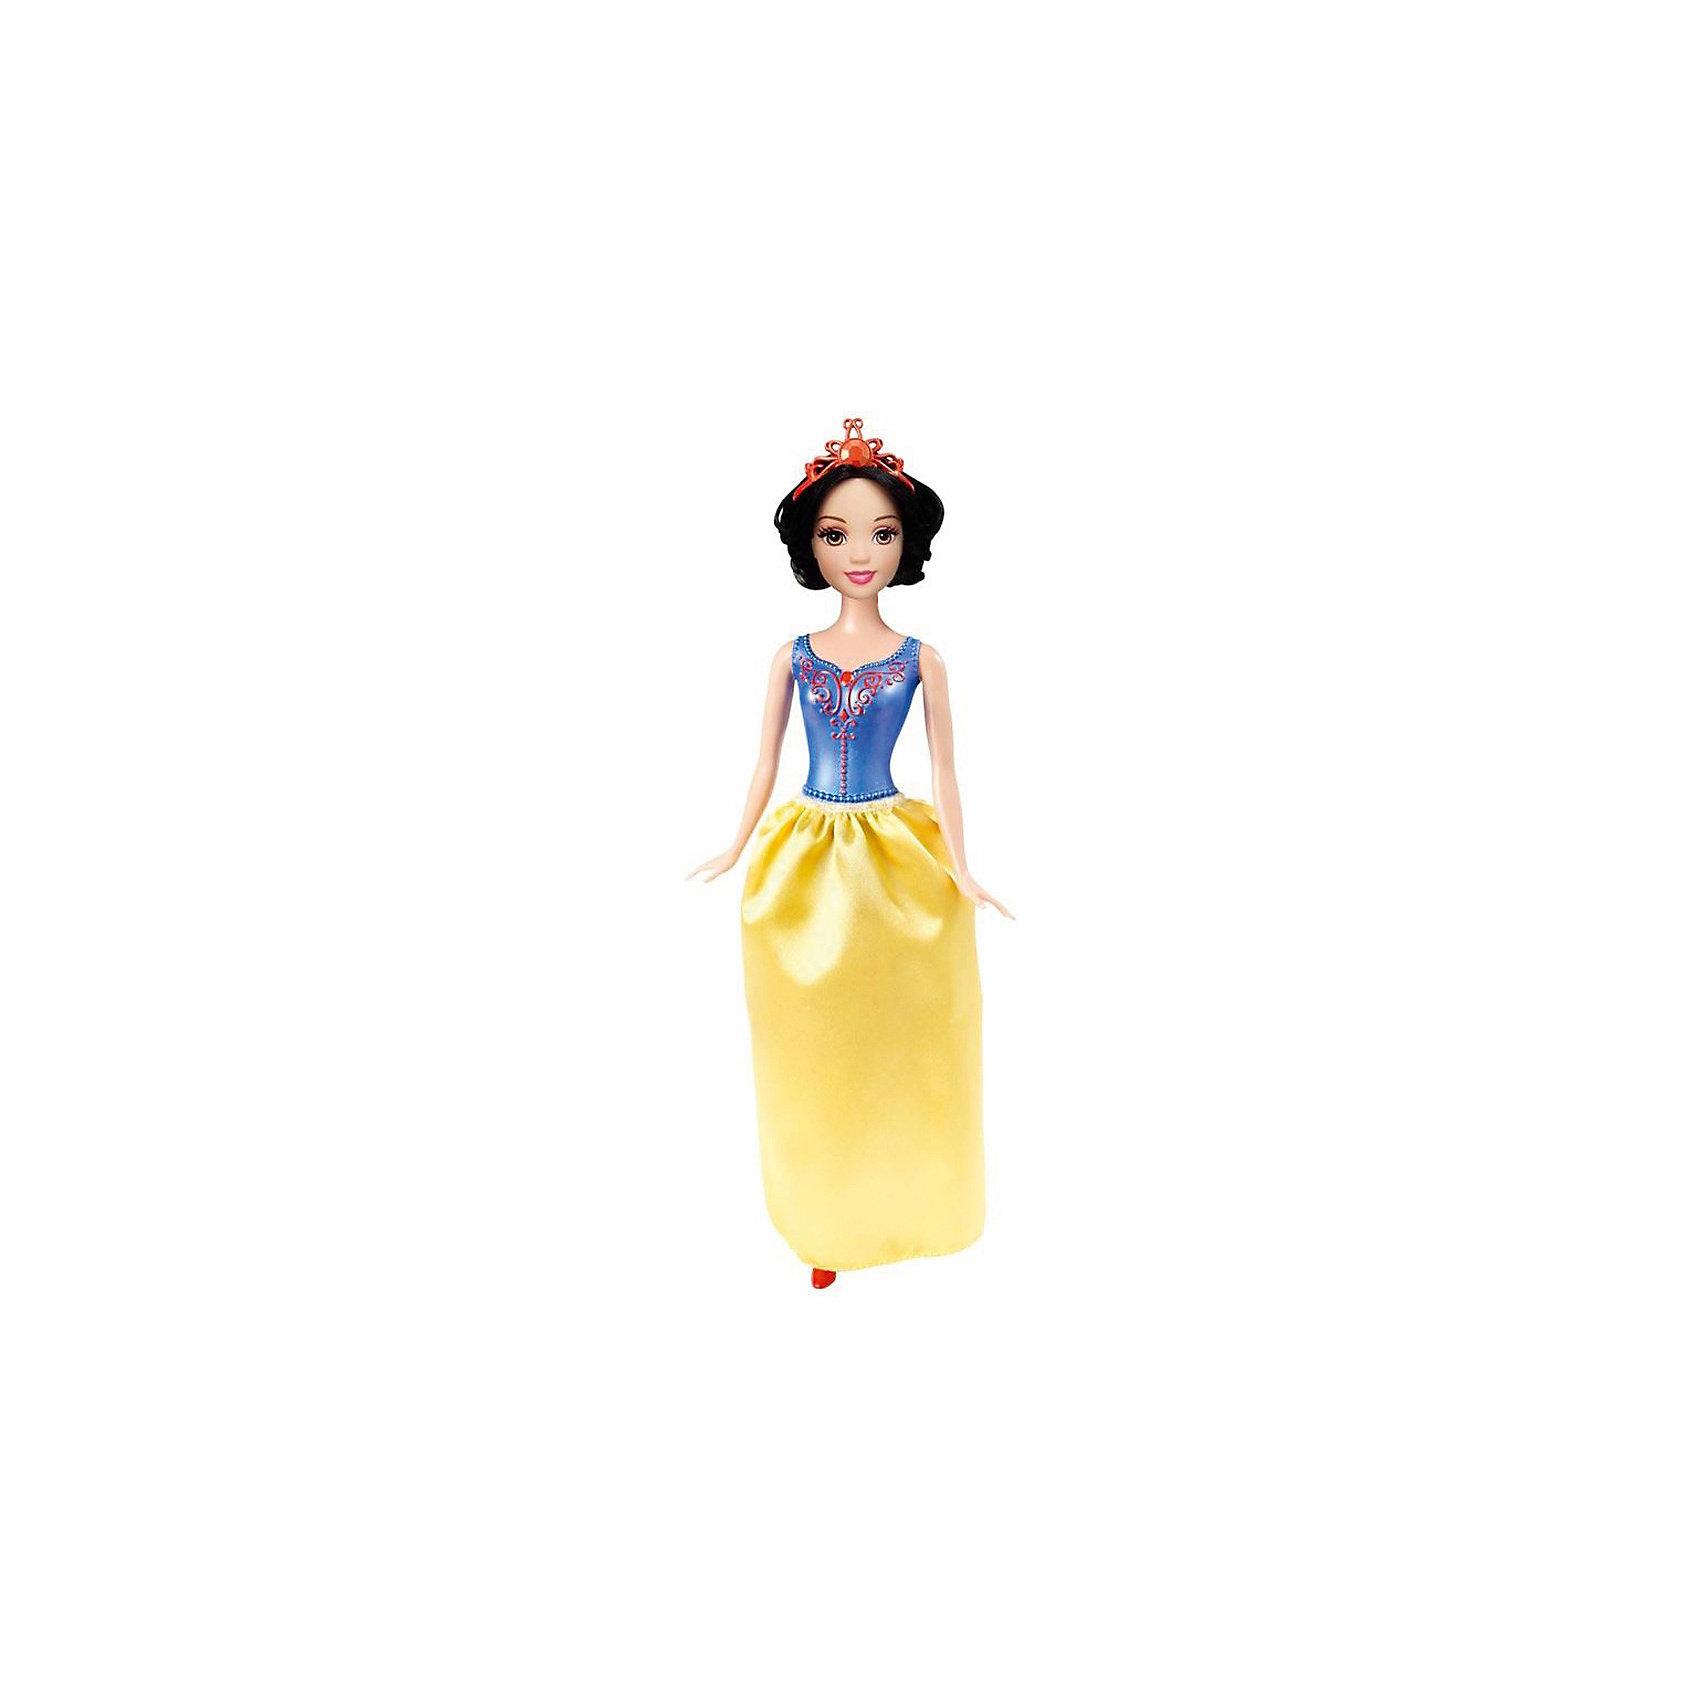 Кукла Белоснежка, Принцессы ДиснейИгрушки<br>Кукла Белоснежка, Disney Princess (Принцесса Диснея) – эта кукла поможет вашей малышке окунуться в мир сказки.<br>Белоснежка из серии «Принцессы Диснея» выглядит совсем как героиня мультфильма! Одета кукла в платье по цветам и стилю, напоминающее наряд в котором Белоснежка убежала в лес, где и нашла домик гномов. Платье состоит из цельного с телом куклы пластикового лифа с украшениями и снимающейся юбки. На ногах туфельки. На волосах куколки красуется красная диадема. Волосы густые и хорошо прошиты. У куклы детально прорисованное лицо. Ручки, ножки и голова куколки подвижны. Руки не сгибаются в локтях. Ваша малышка с удовольствием будет играть с этой куколкой, проигрывая сюжеты из мультсериала или придумывая различные истории.<br><br>Дополнительная информация:<br><br>- Материал: высококачественный пластик, текстиль<br>- Рост куклы: 29 см.<br>- Размер упаковки: 32,5 х 10 х 5 см.<br>- Вес: 212 гр.<br><br>Куклу Белоснежка, Disney Princess (Принцесса Диснея) можно купить в нашем интернет-магазине.<br><br>Ширина мм: 10<br>Глубина мм: 5<br>Высота мм: 32<br>Вес г: 212<br>Возраст от месяцев: 36<br>Возраст до месяцев: 144<br>Пол: Женский<br>Возраст: Детский<br>SKU: 4026505